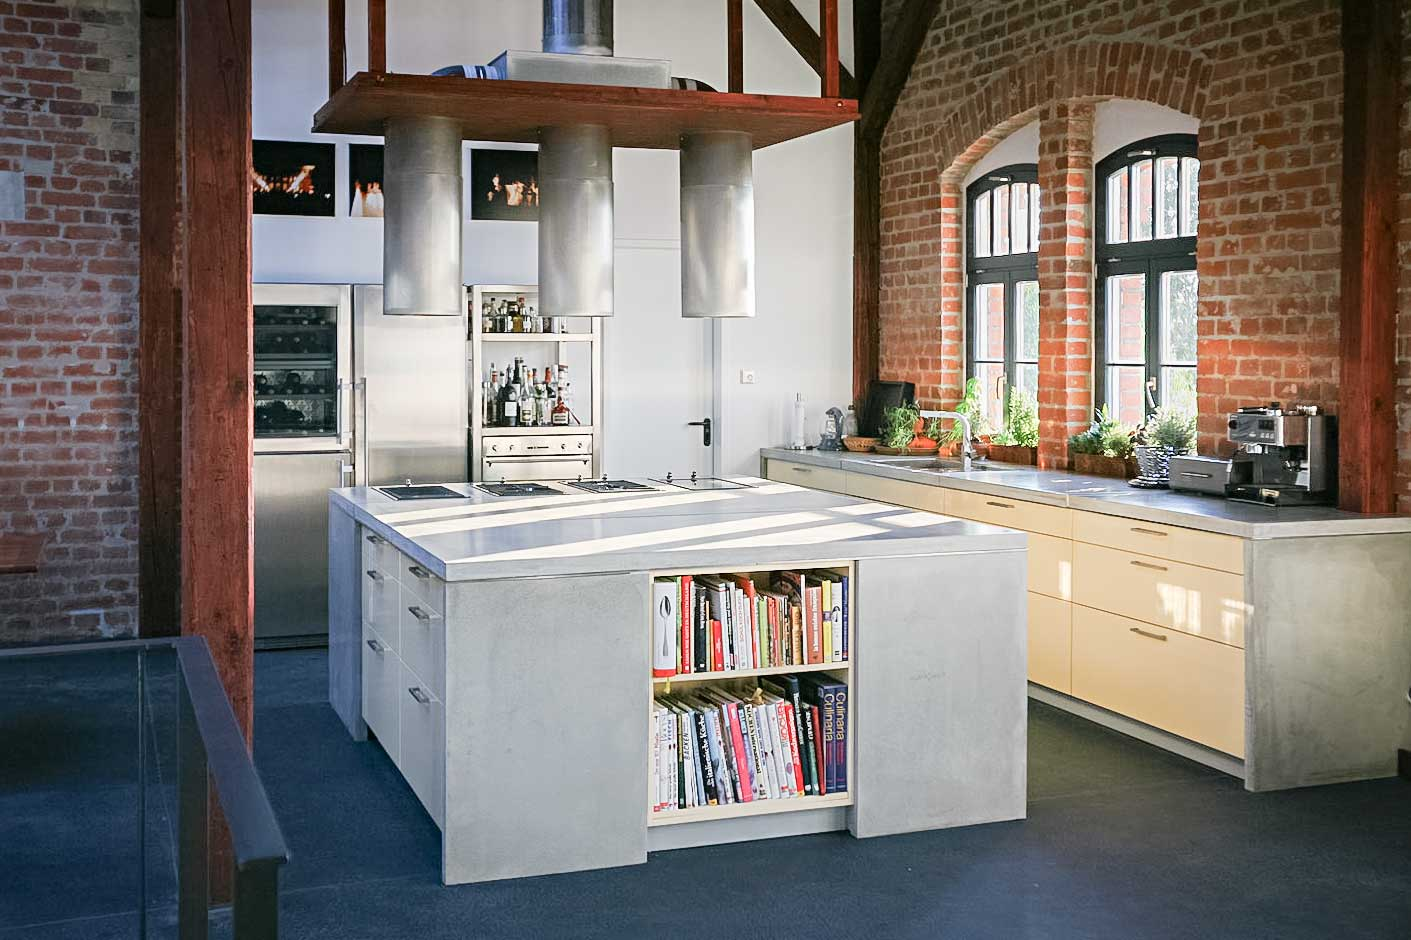 Full Size of Holz Arbeitsplatten Küche Arbeitsplatten Küche Günstig Preiswerte Arbeitsplatten Küche Dünne Arbeitsplatten Küche Küche Arbeitsplatten Küche